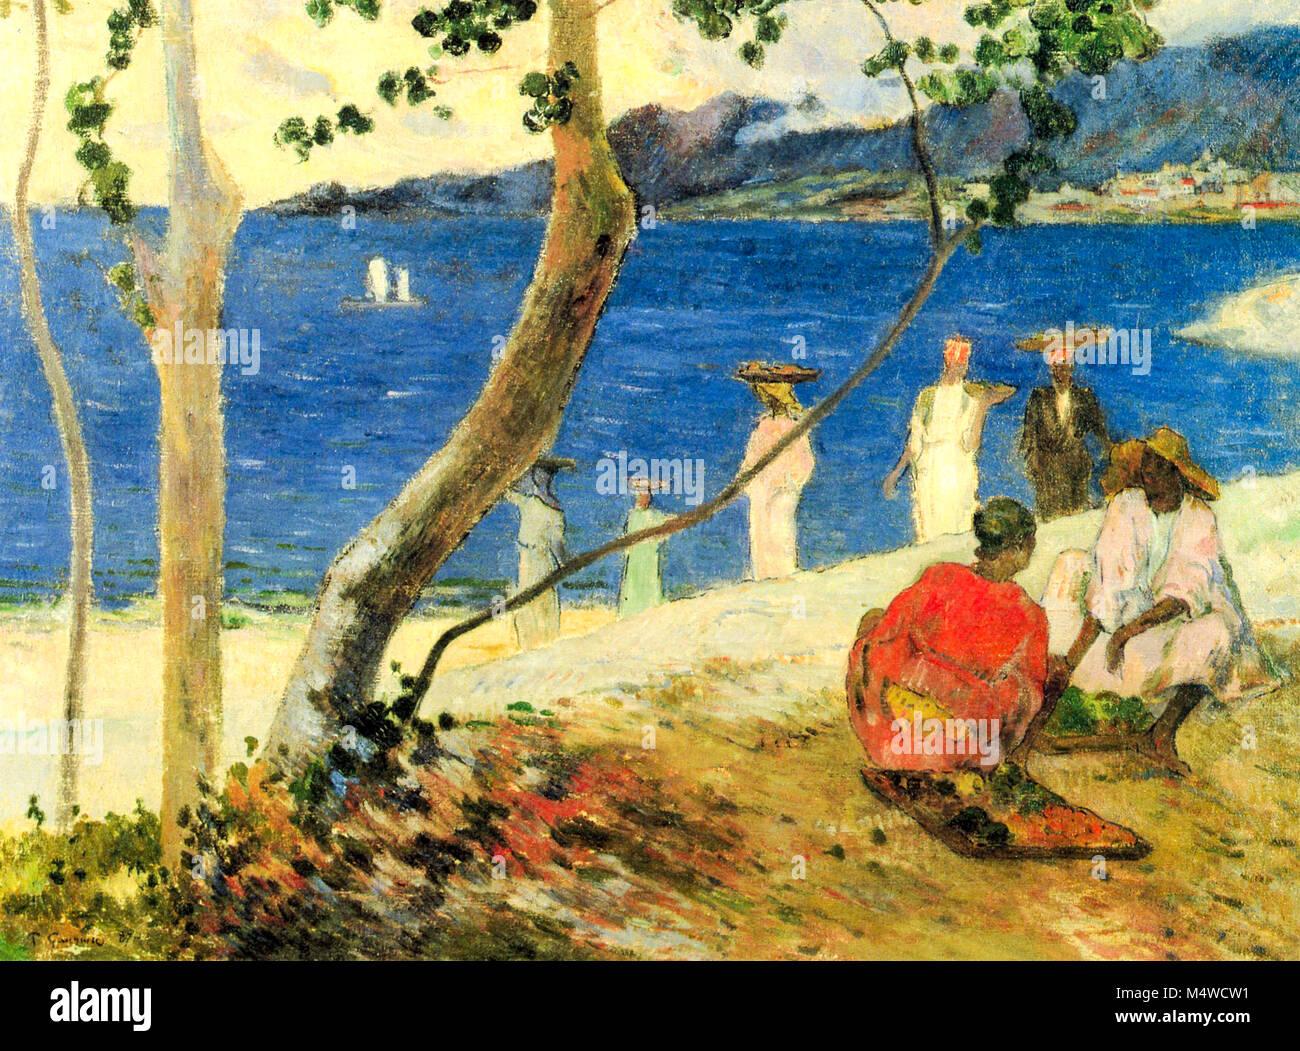 Image Bord De Mer paul gauguin, bord de mer ii, 1887 stock photo: 175121213